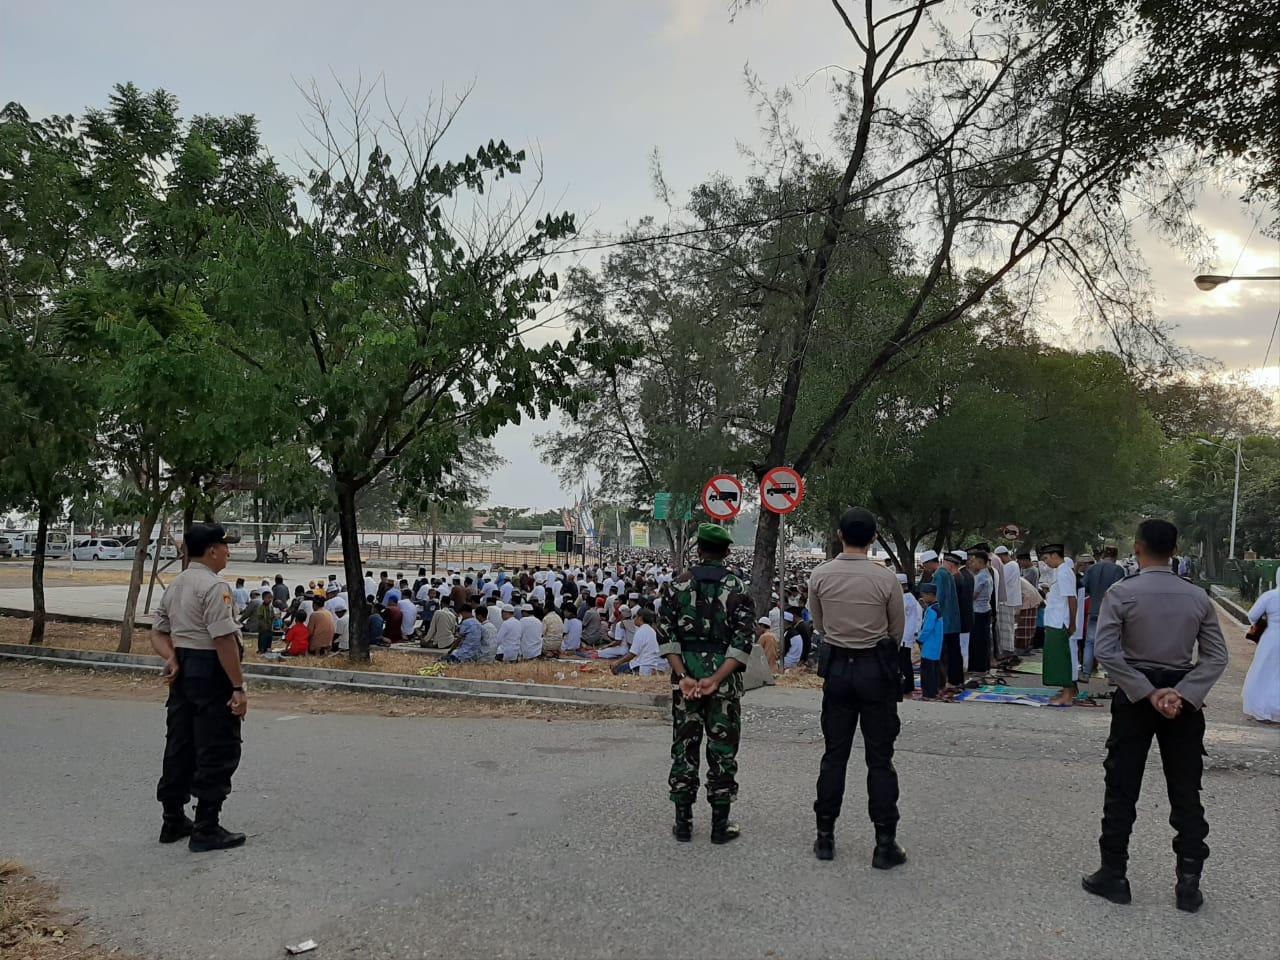 Sinergi TNI Polri di Sumba Timur Amankan Pelaksanaan Sholad Idul Fitri